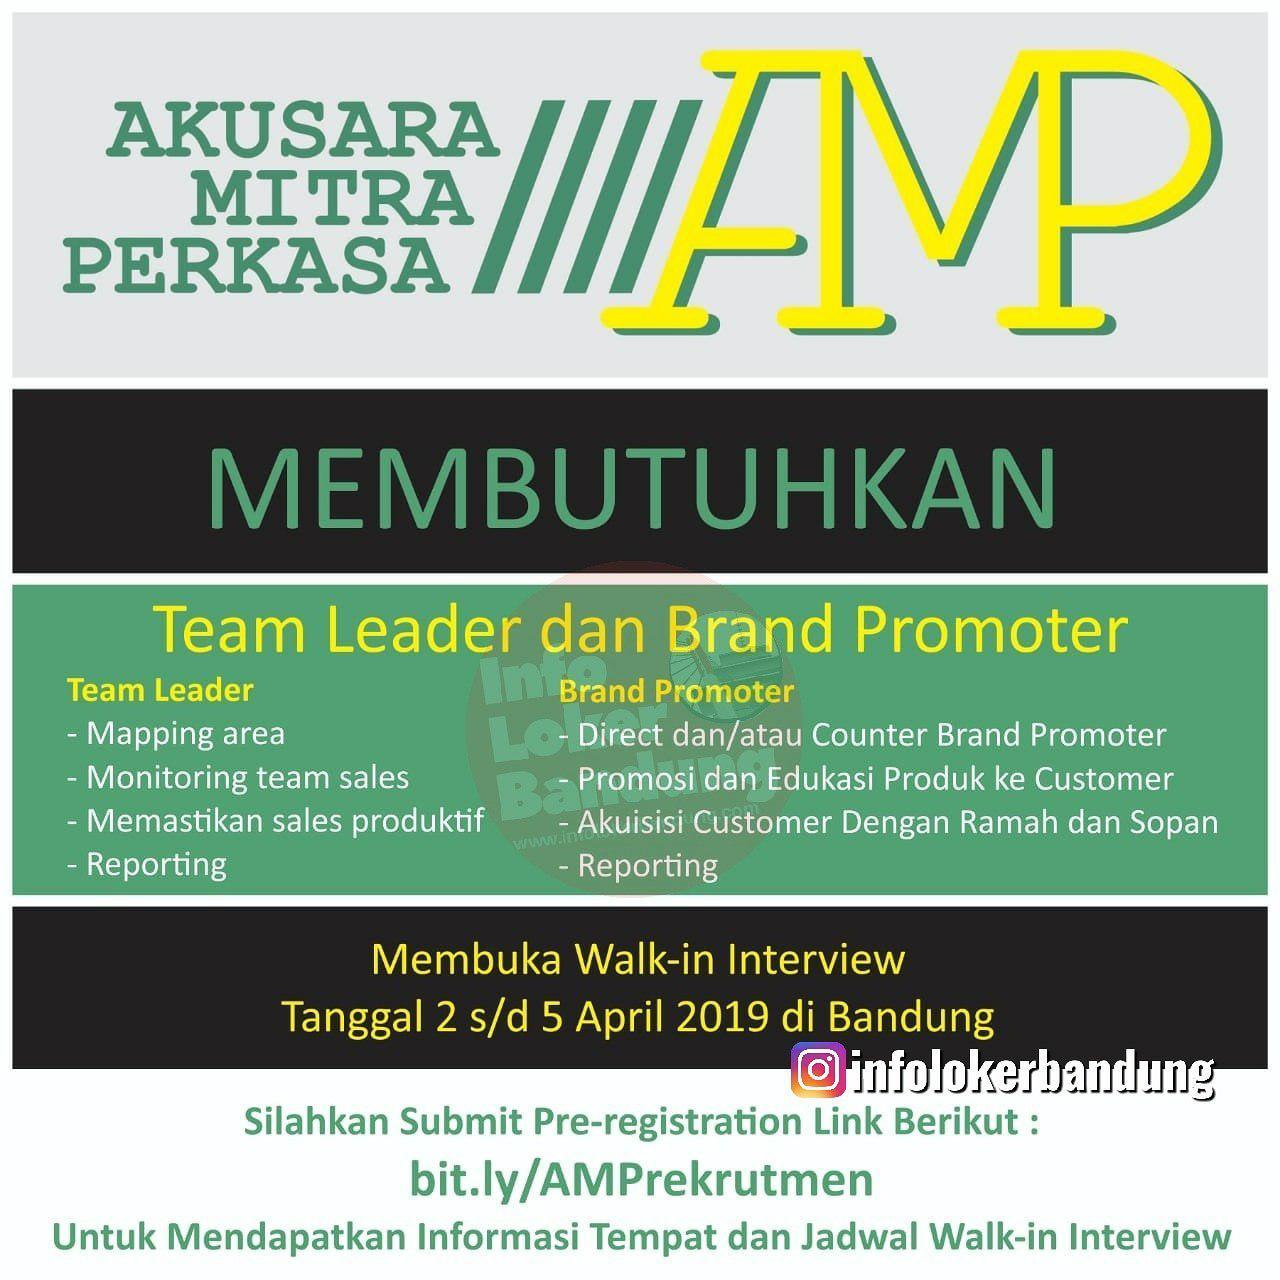 Lowongan Kerja PT. Akusara Mitra Perkasa Bandung Walk In Interview 2 - 5 April 2019